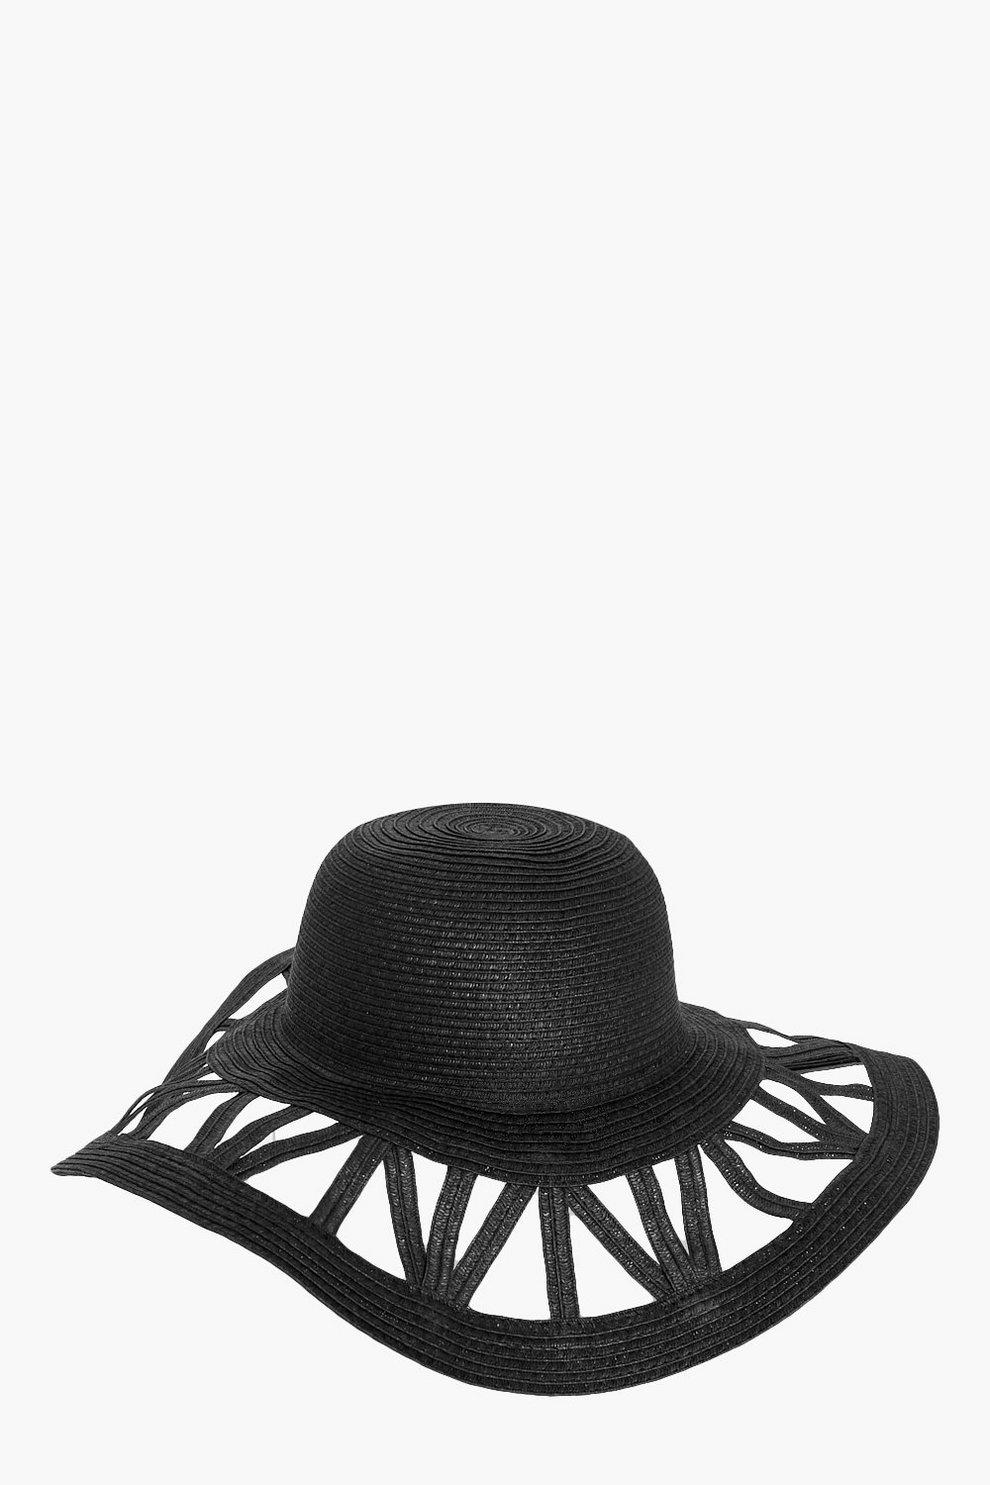 7ecb7727250 Diana Cutout Floppy Hat